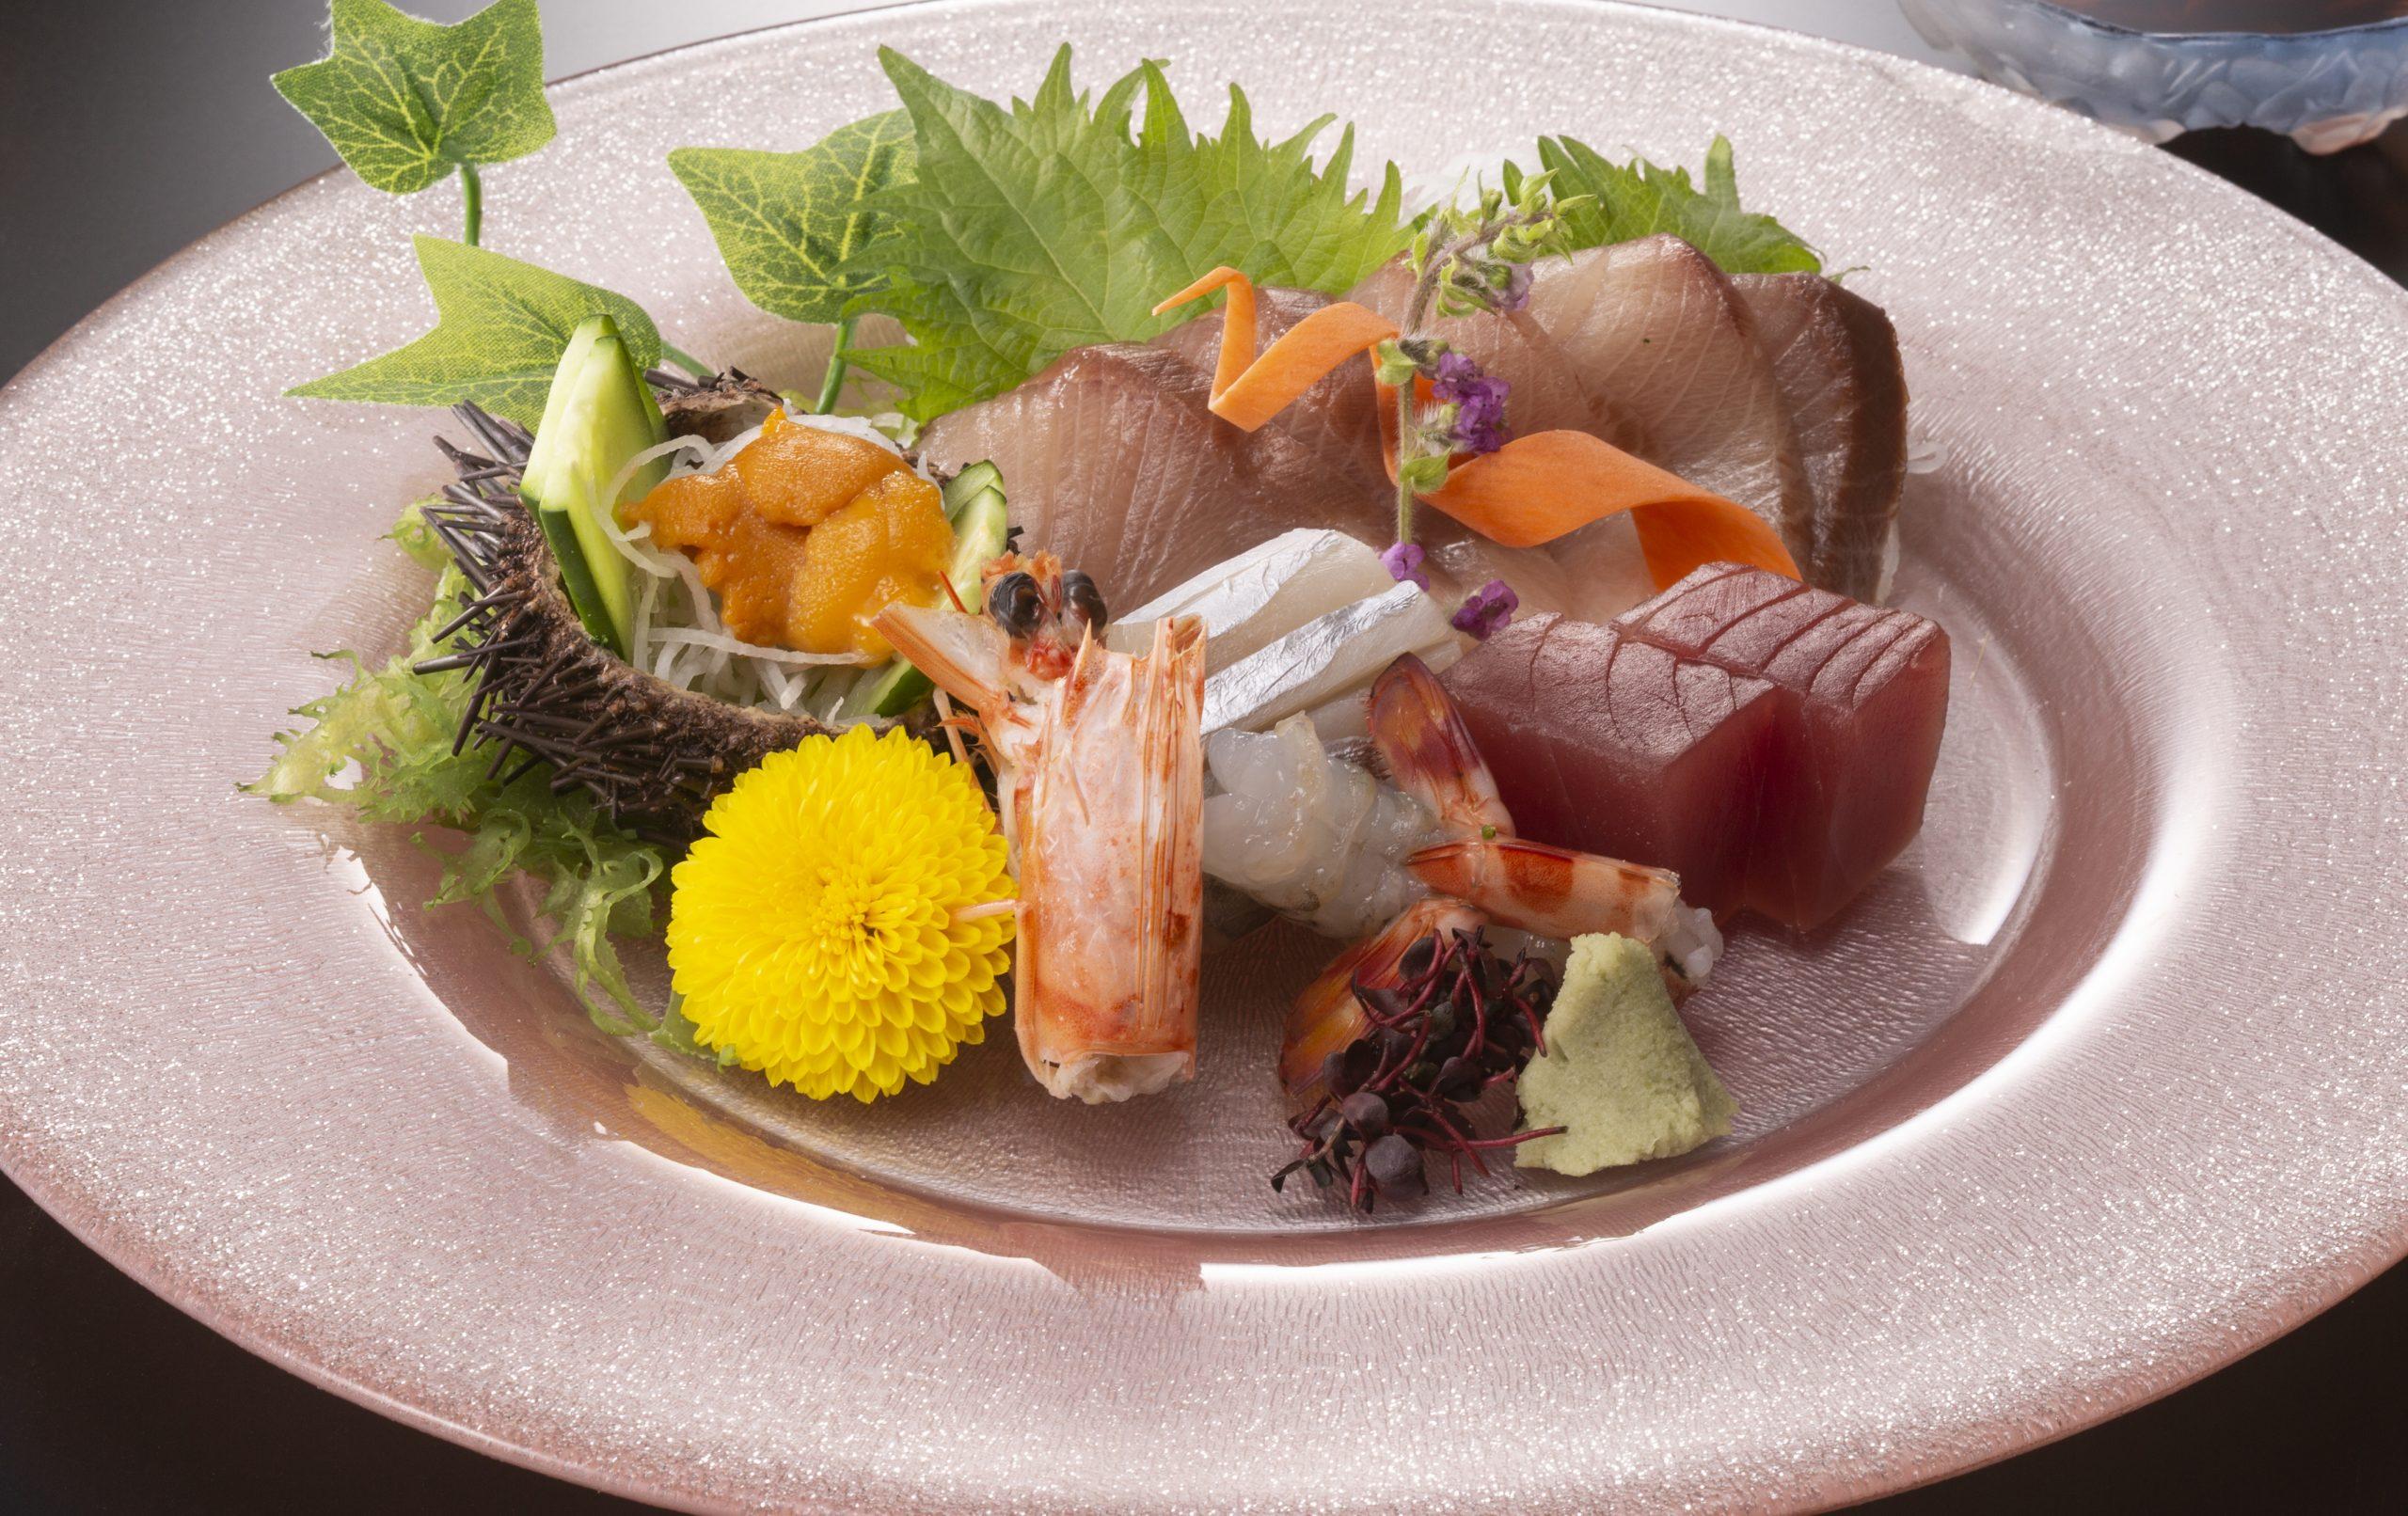 凉を味わう 夏のグレードアップコースのご紹介 和食 弁天